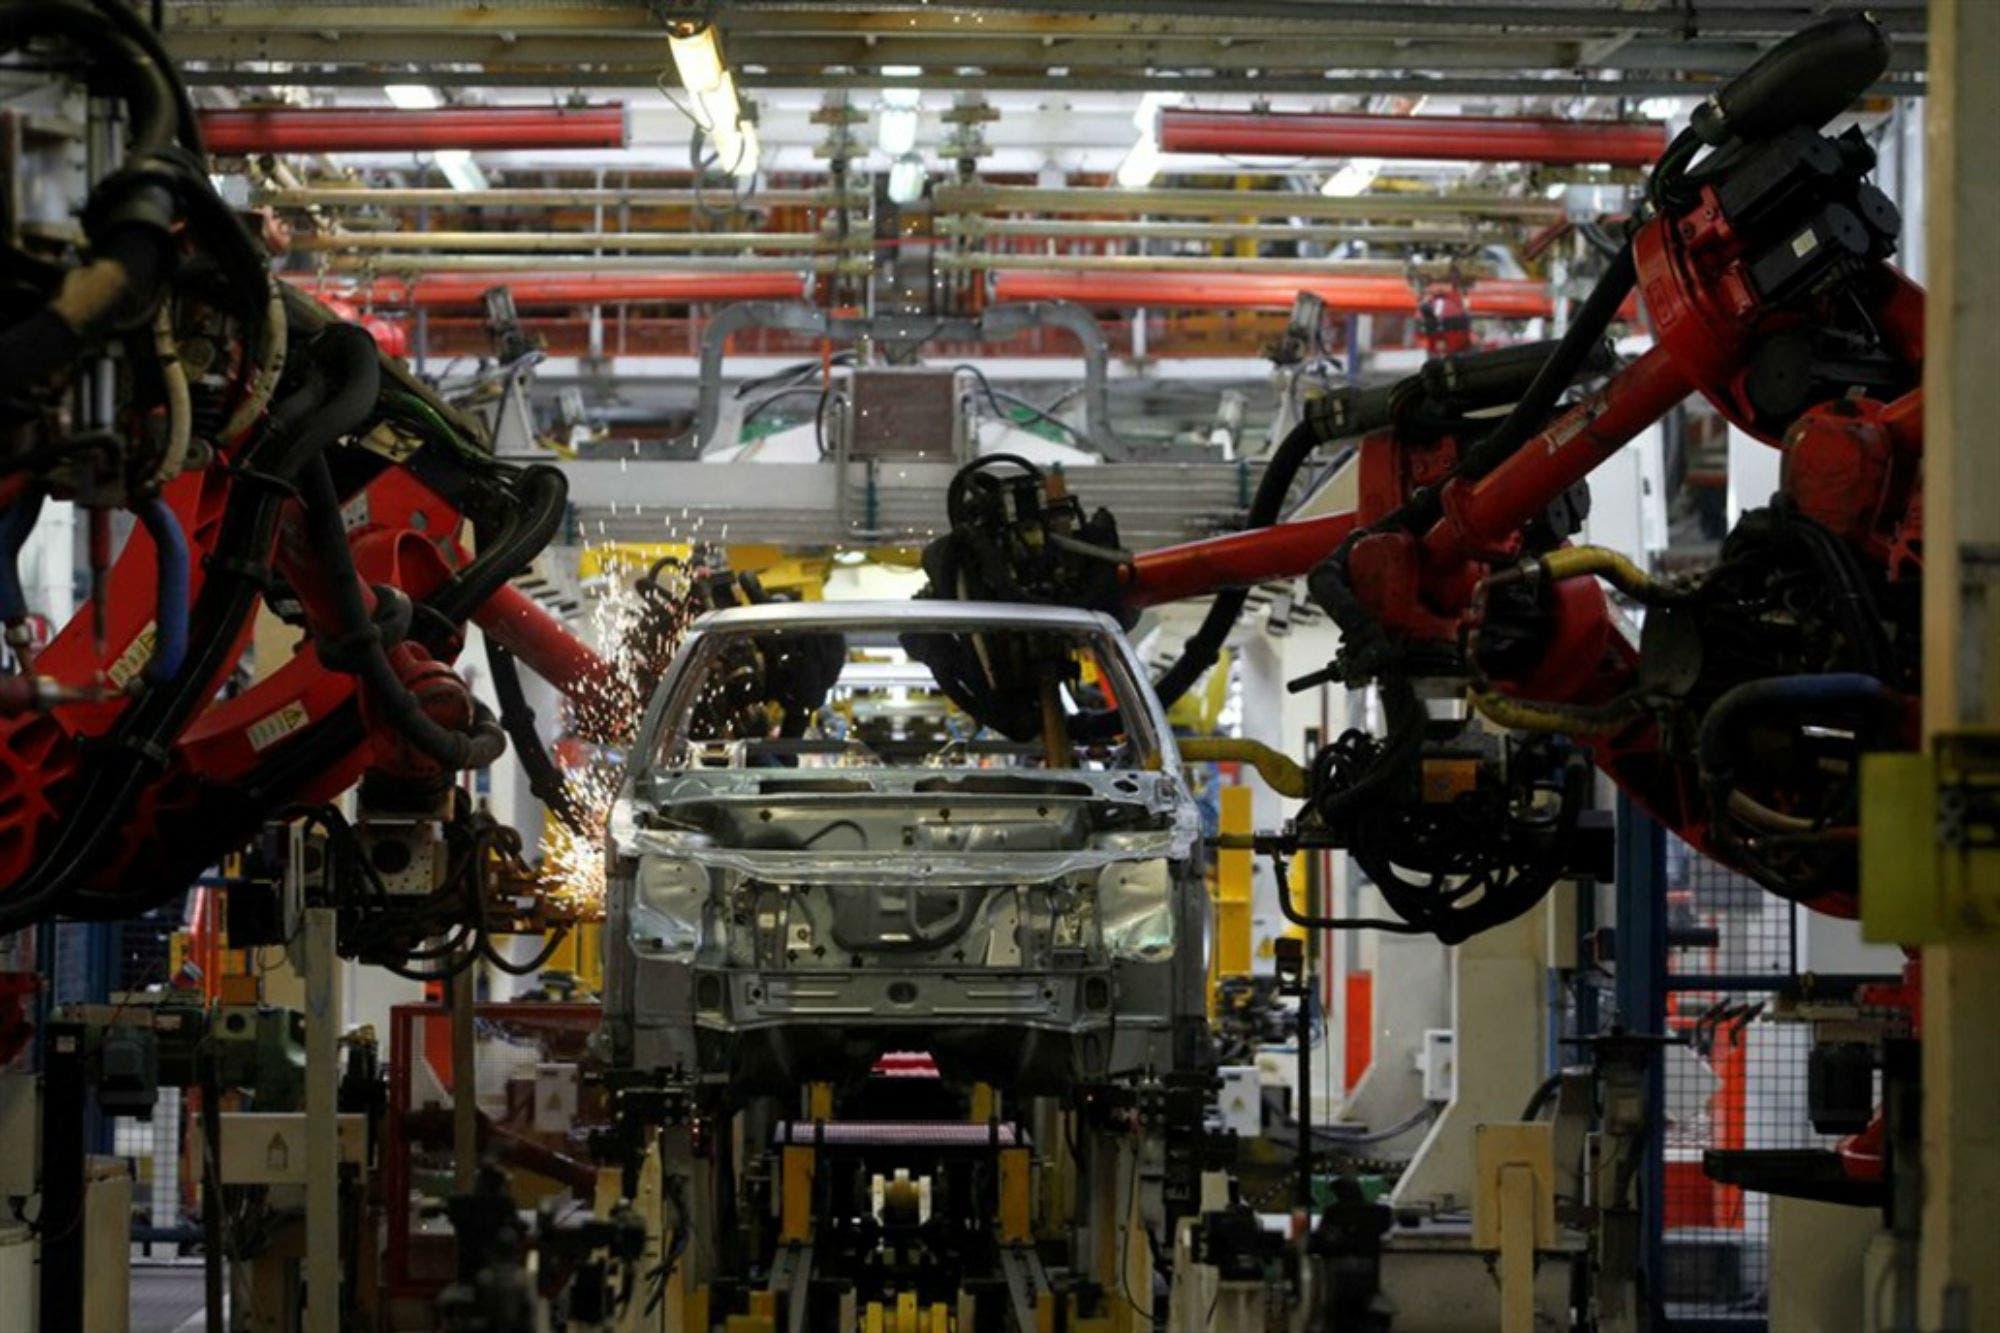 La producción de autos cayó 38,5% en diciembre, pero 2018 cerró solo un 1,4% abajo